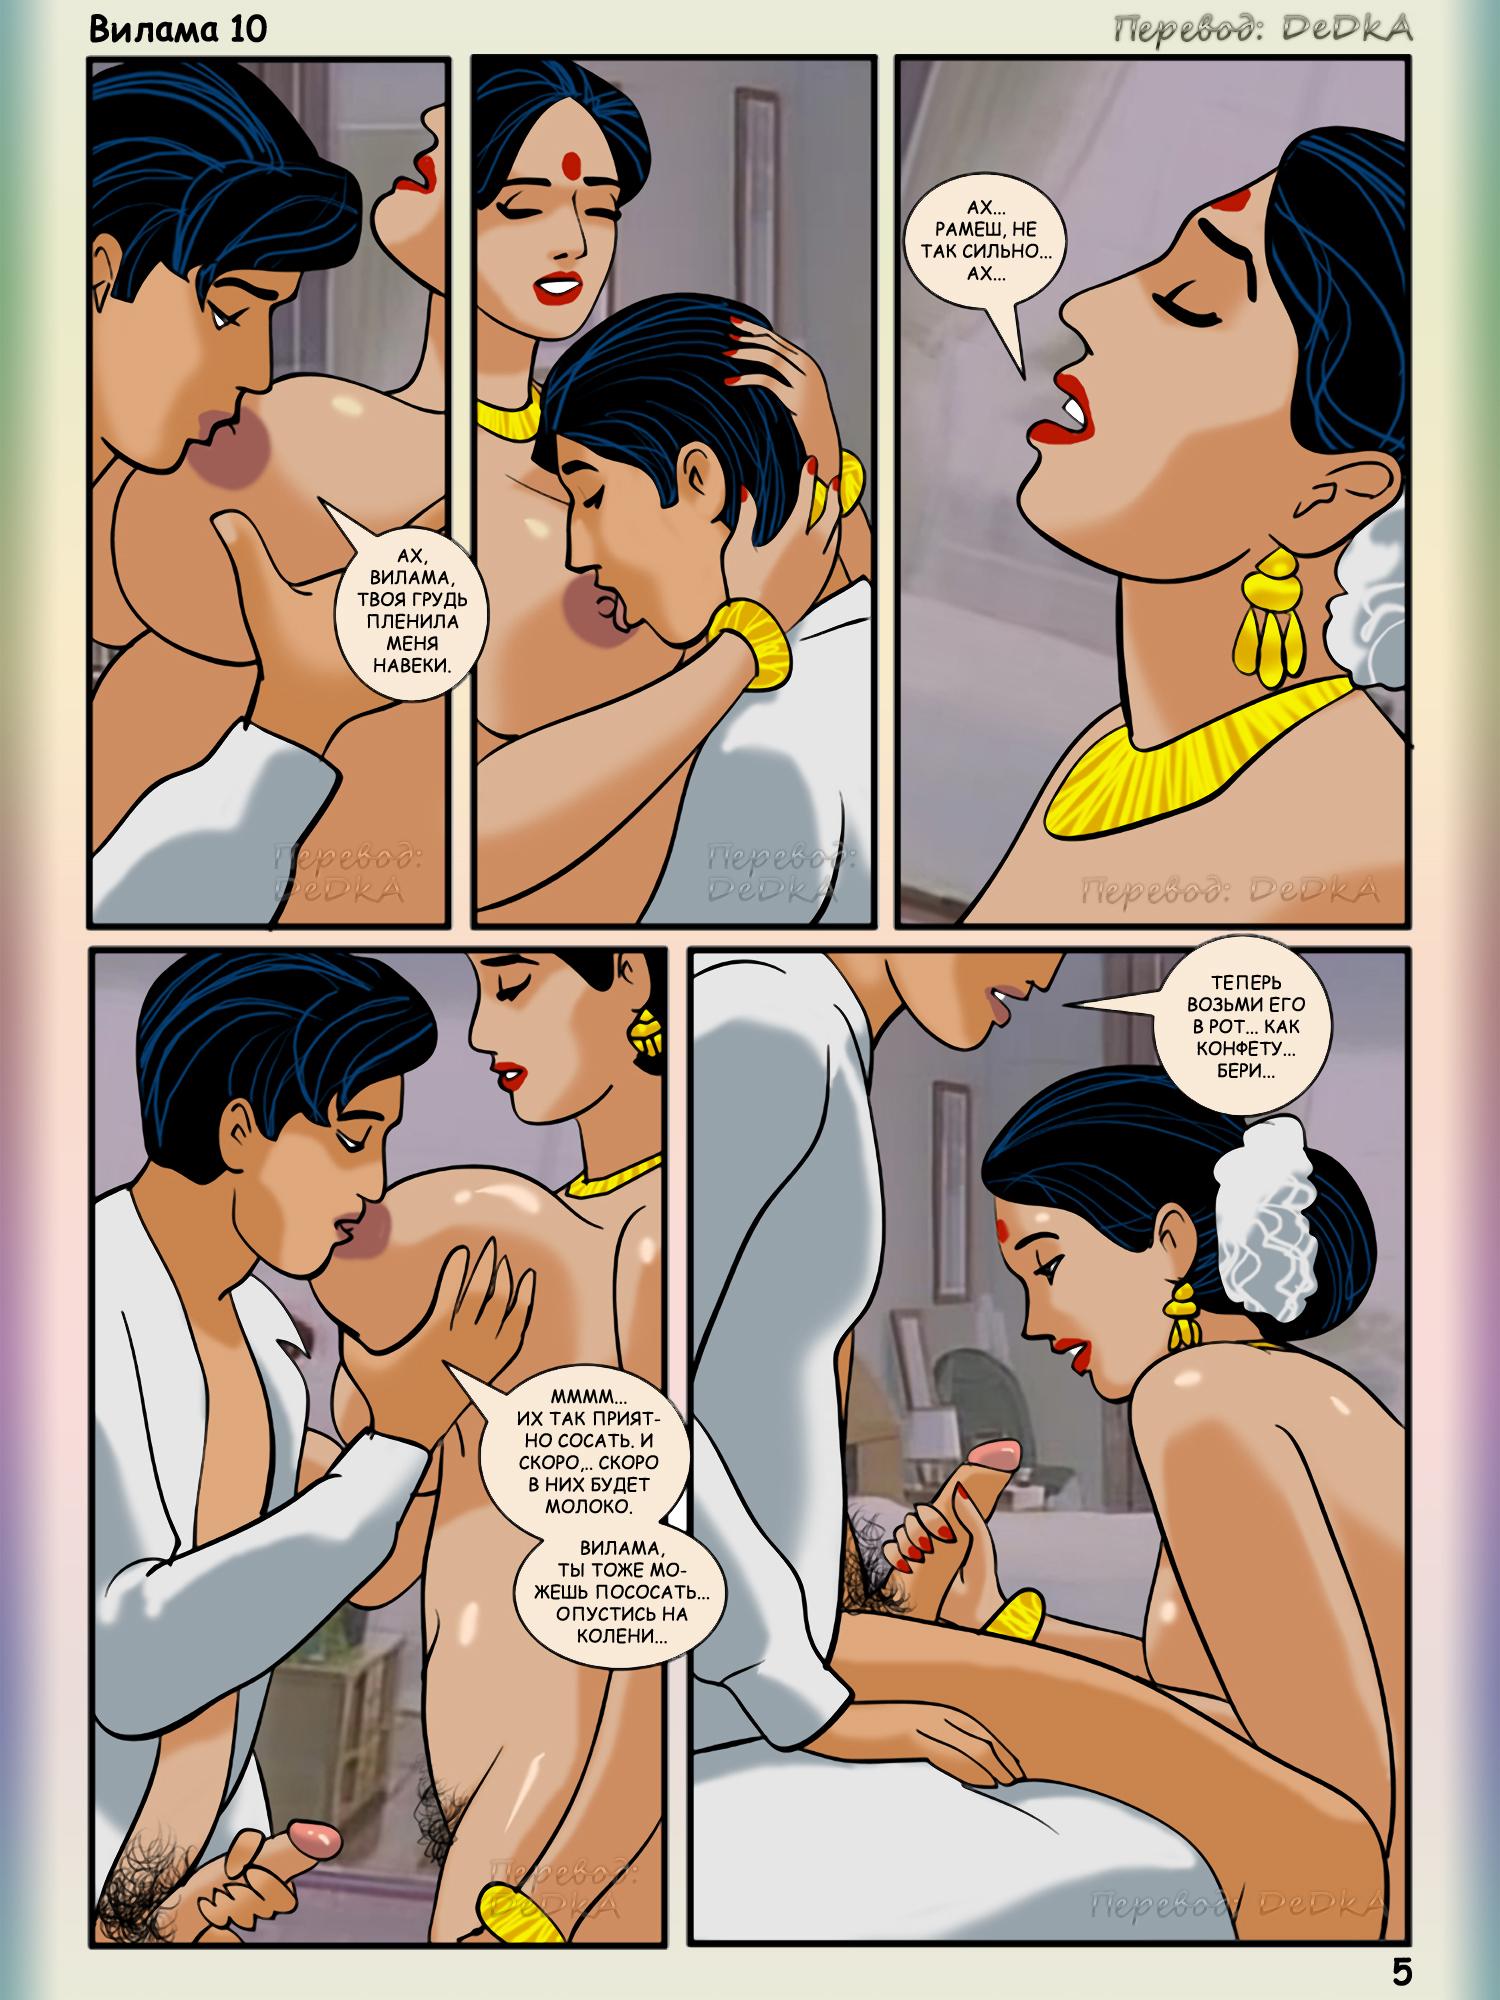 Эротические комиксы про виламу 4 фотография